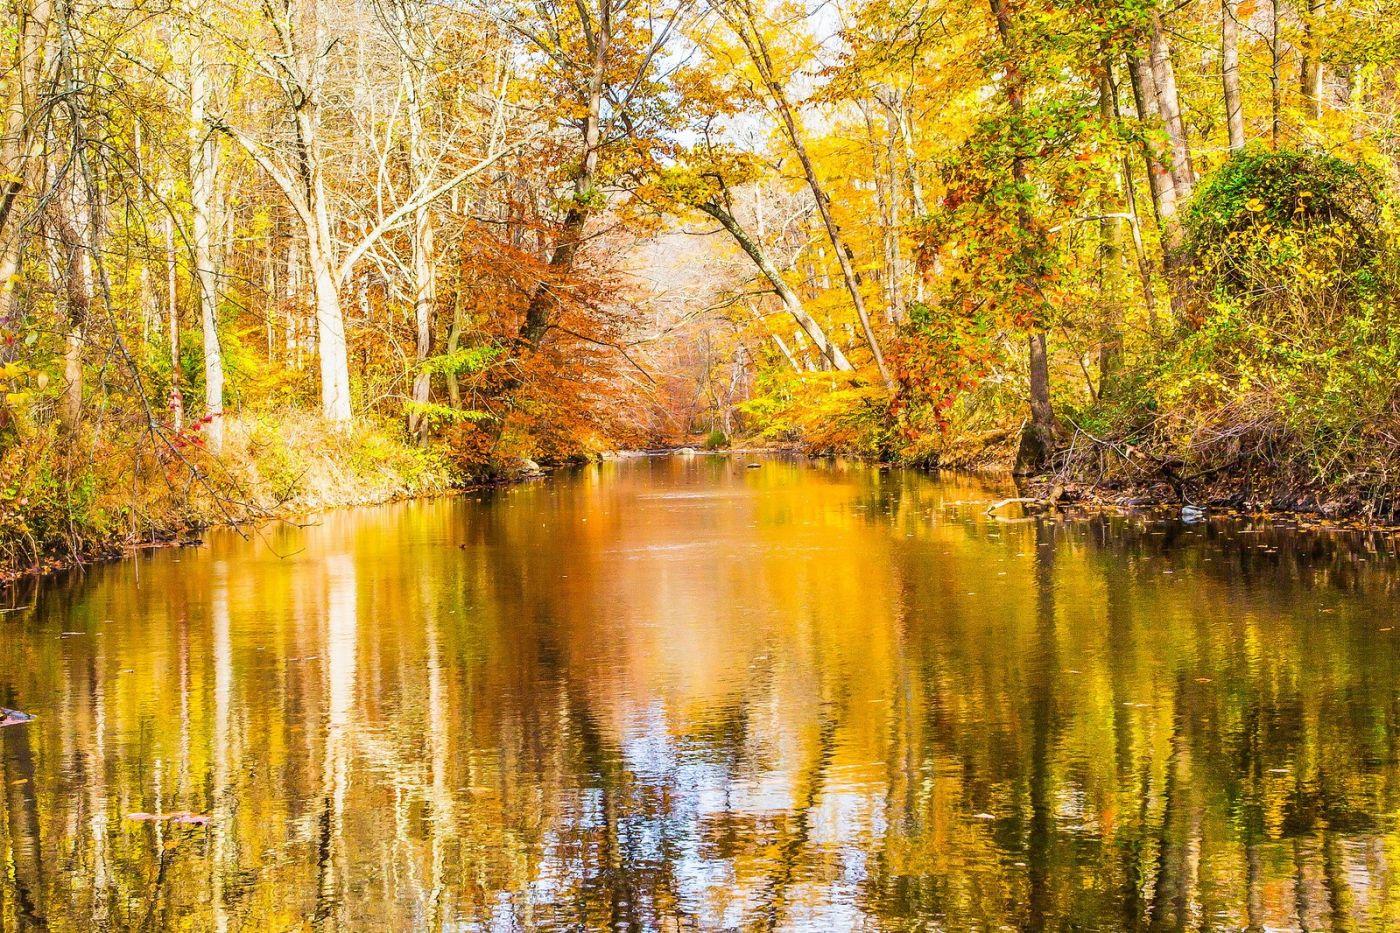 宾州雷德利克里克公园(Ridley creek park),迷人的秋色_图1-14